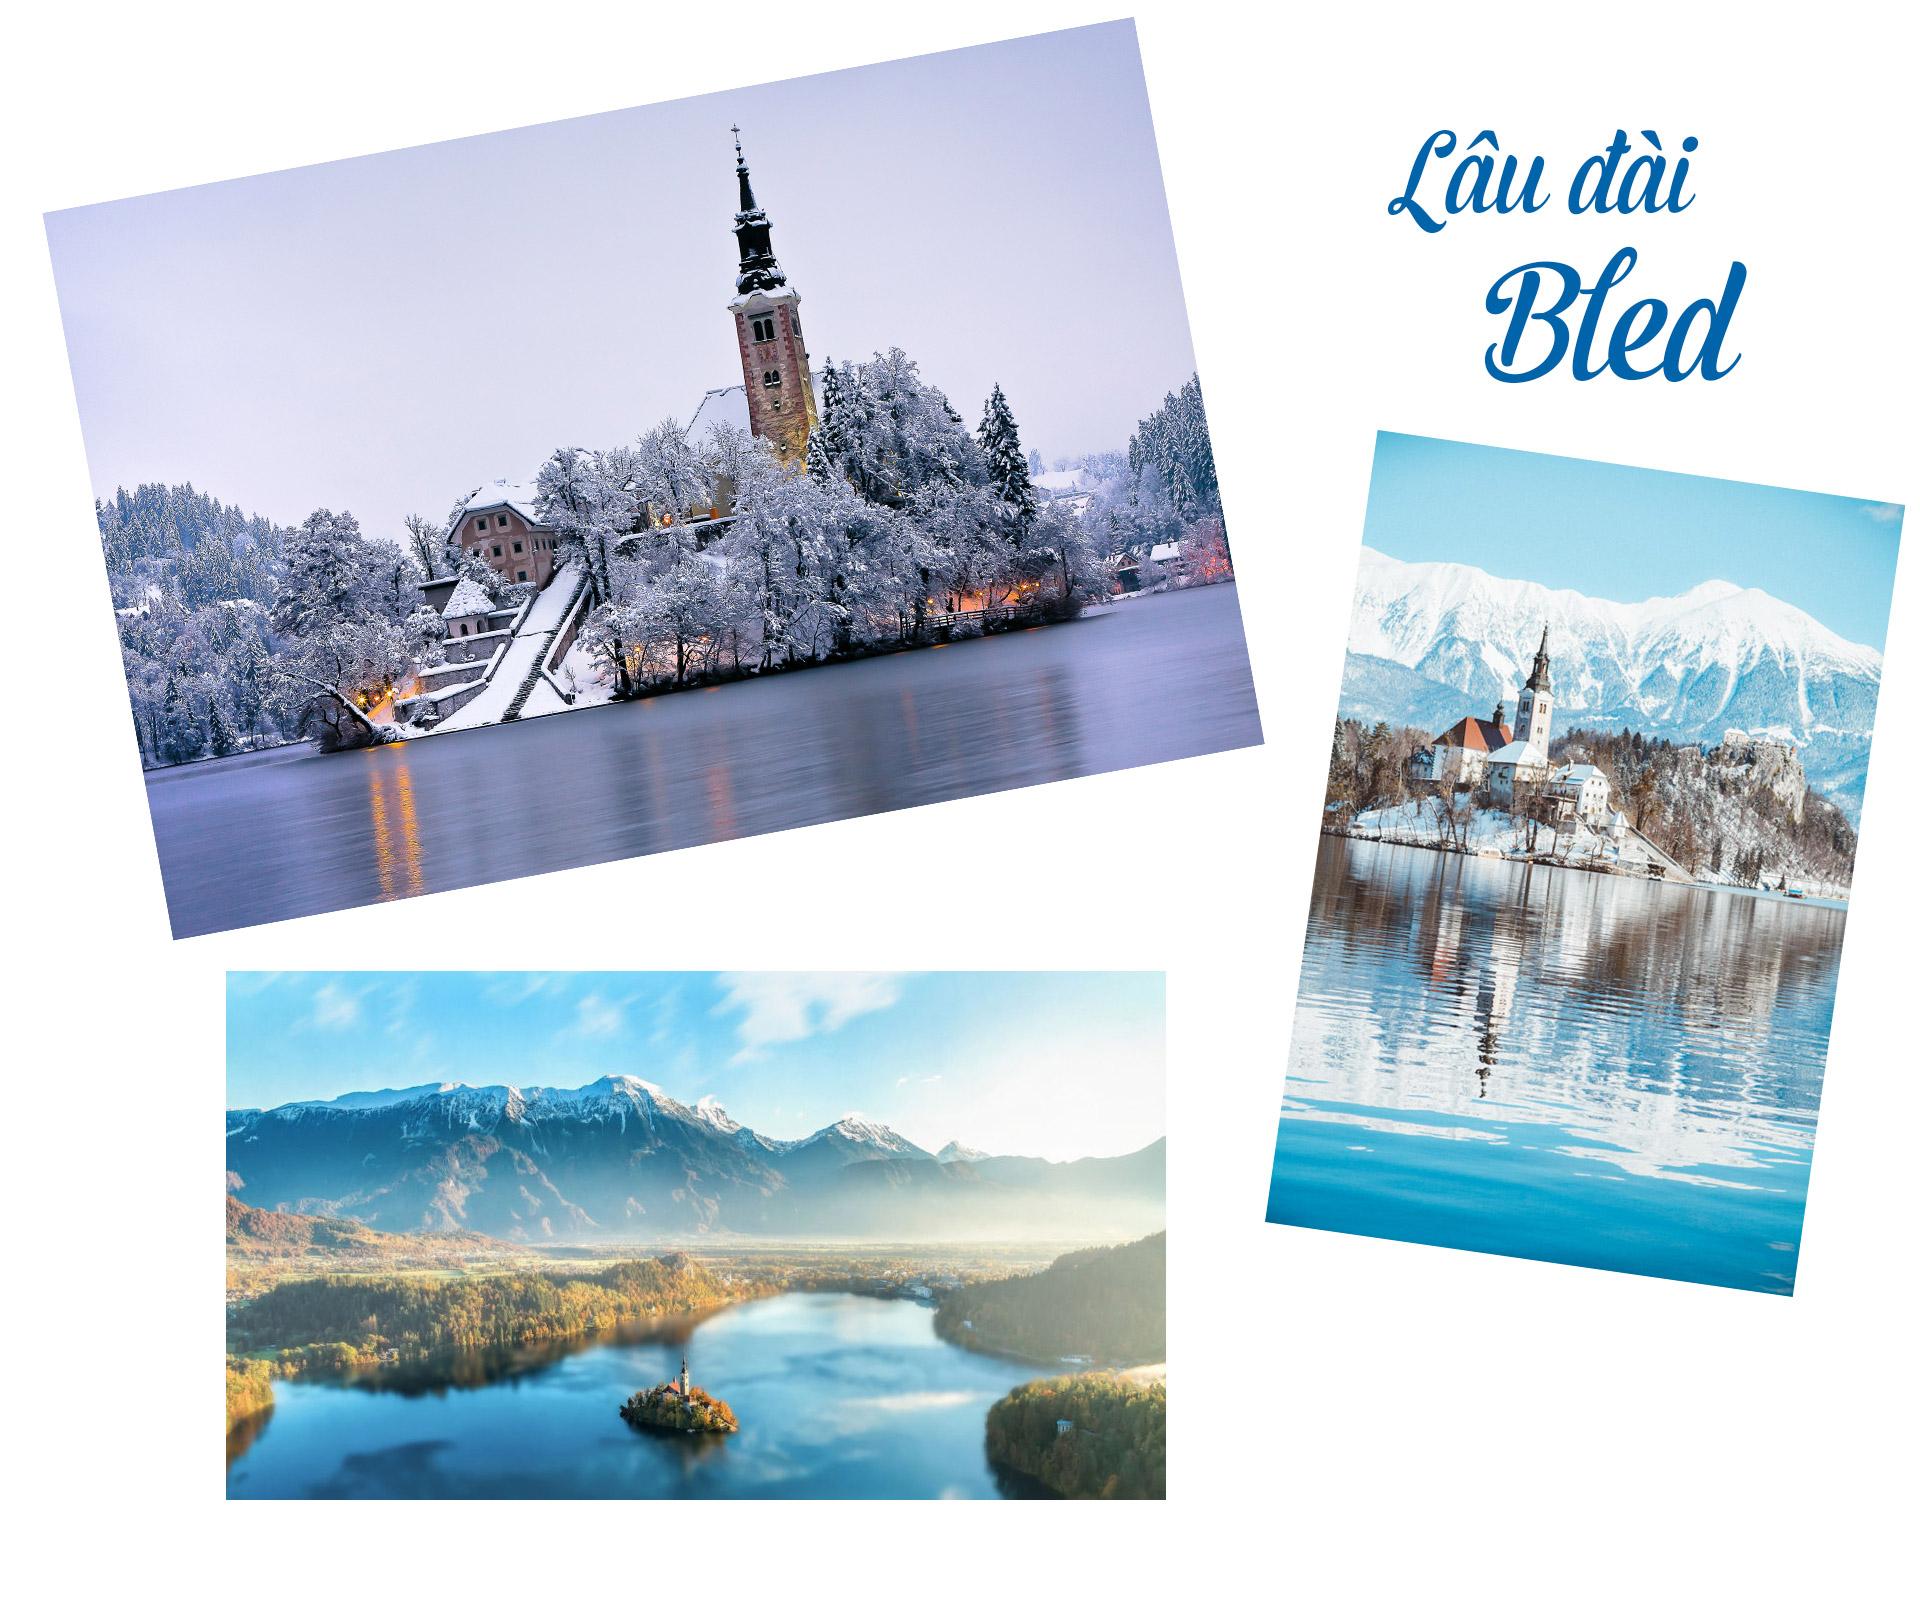 17 lâu đài cổ tích châu Âu đáng đến thăm vào mùa đông - 8